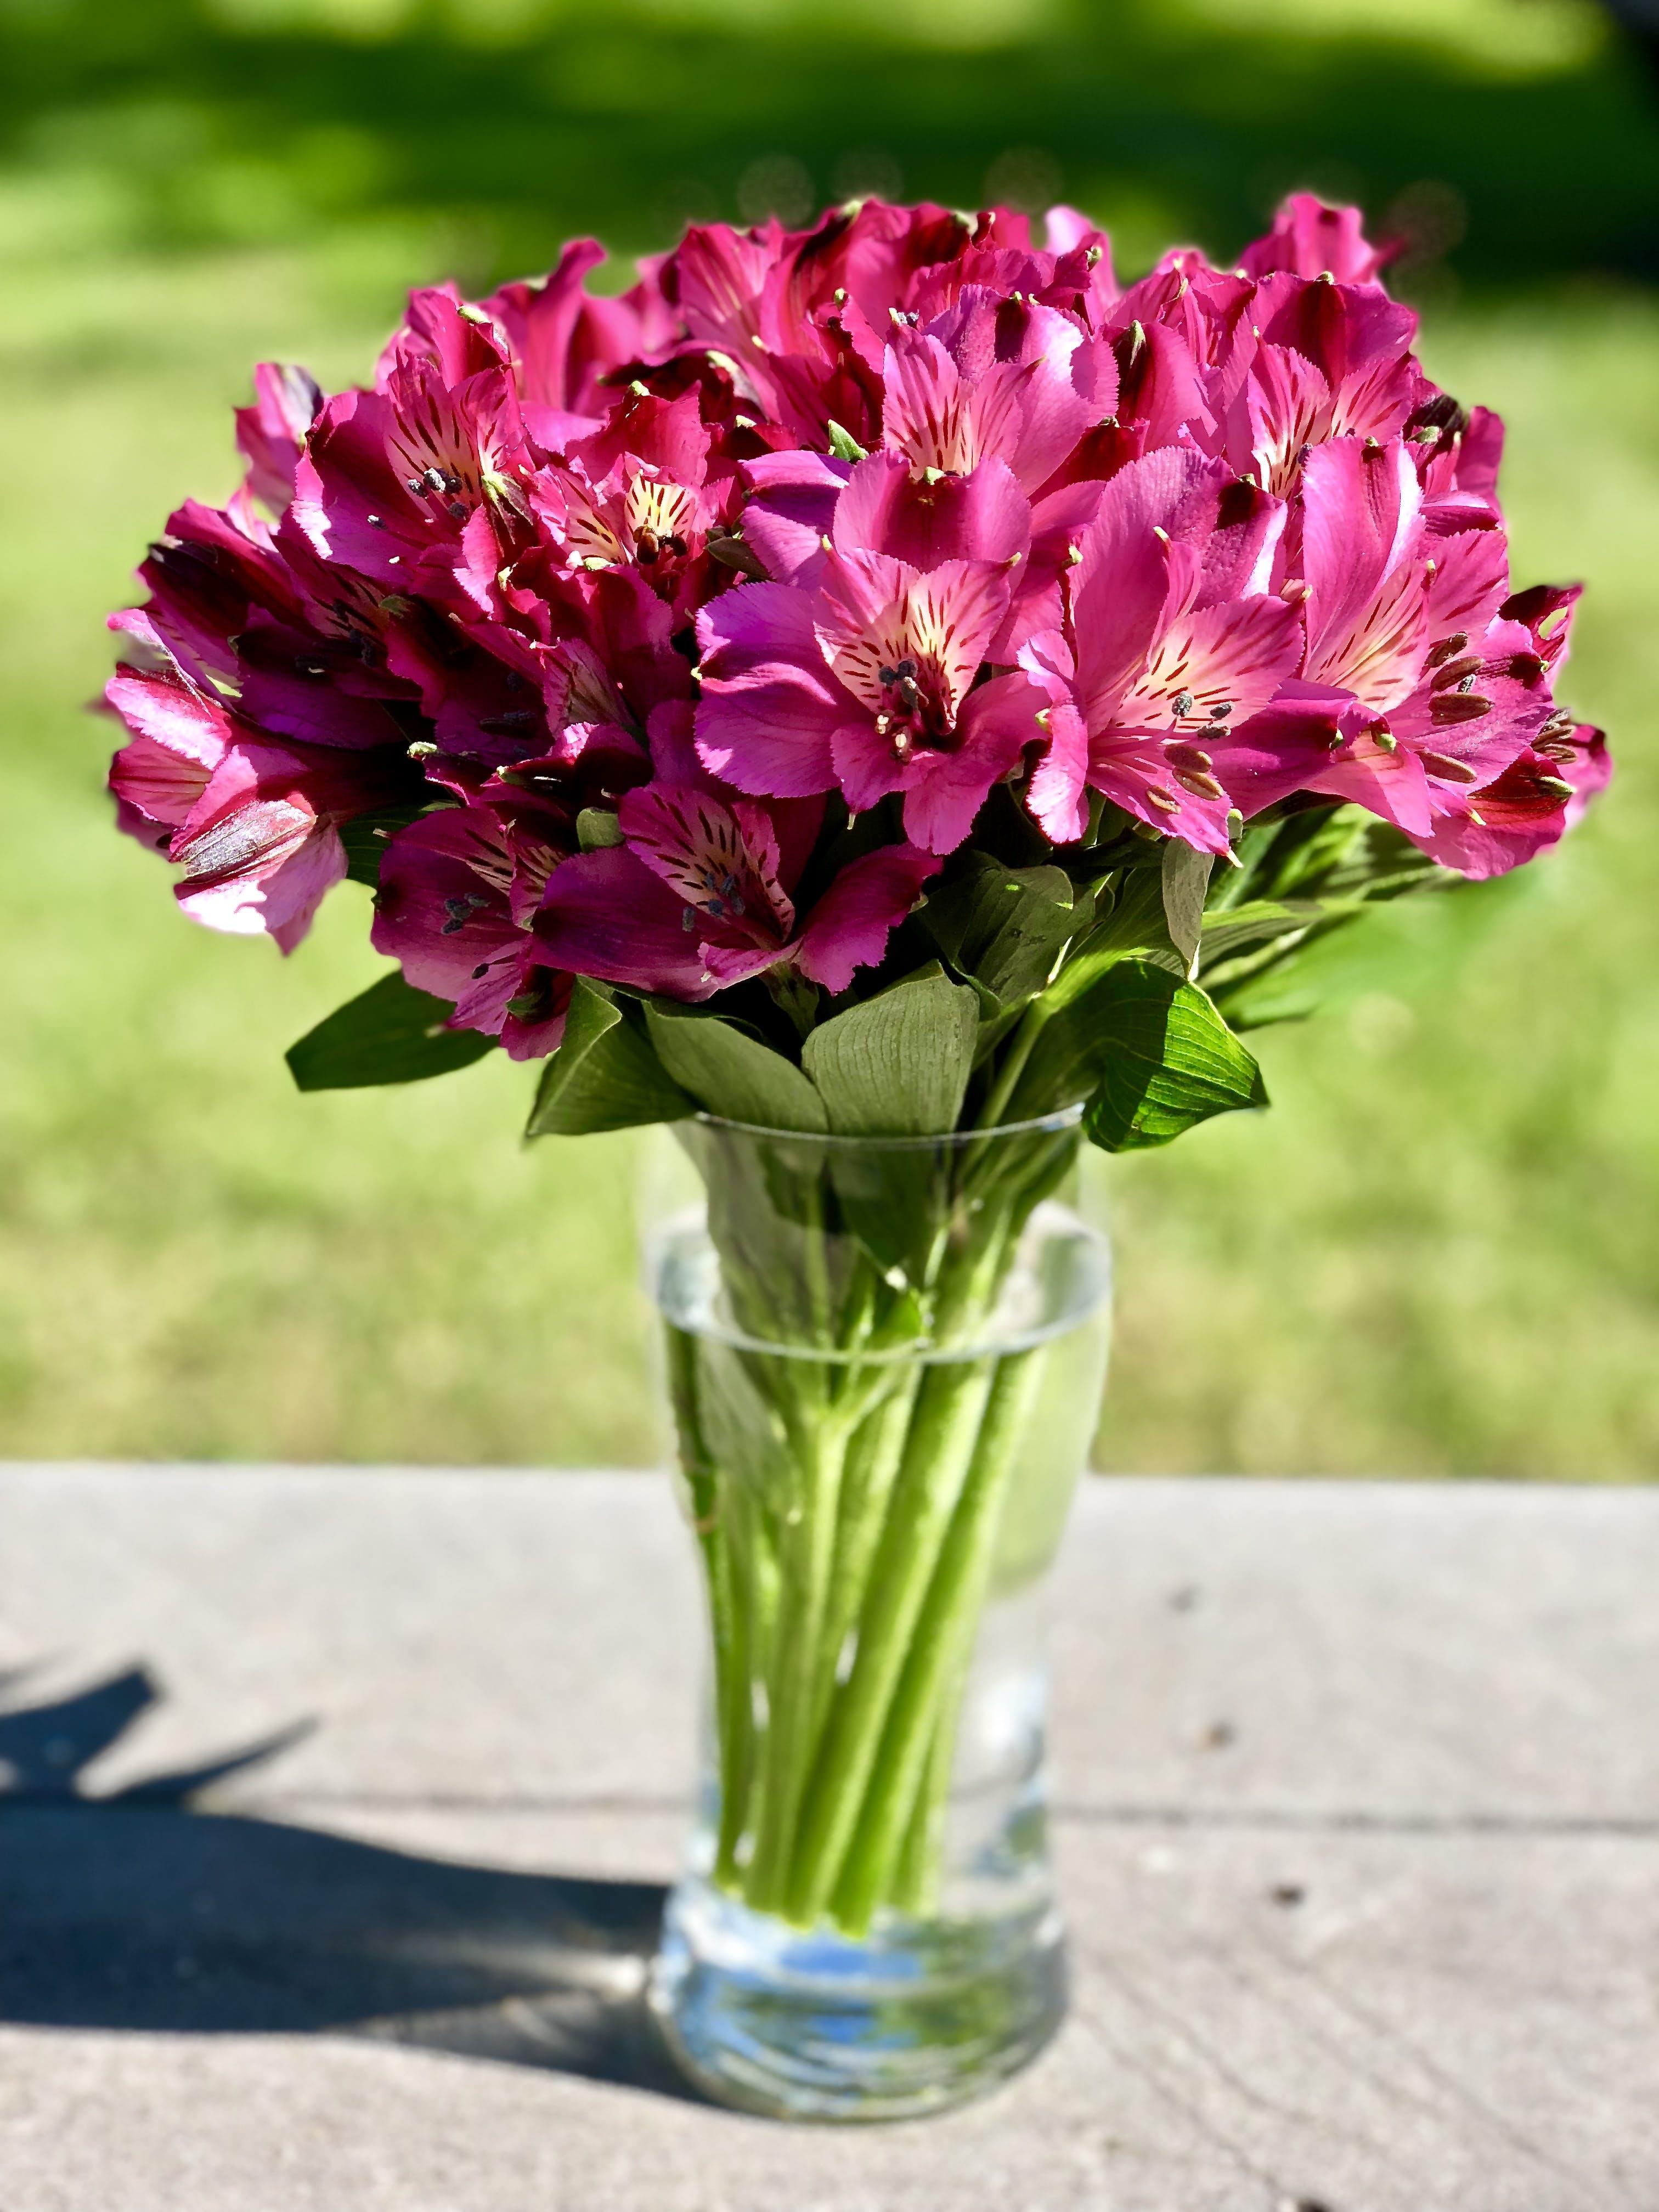 Δωρεάν στοκ φωτογραφιών με αγάπη, λουλούδια, πράσινος, ρομαντικός